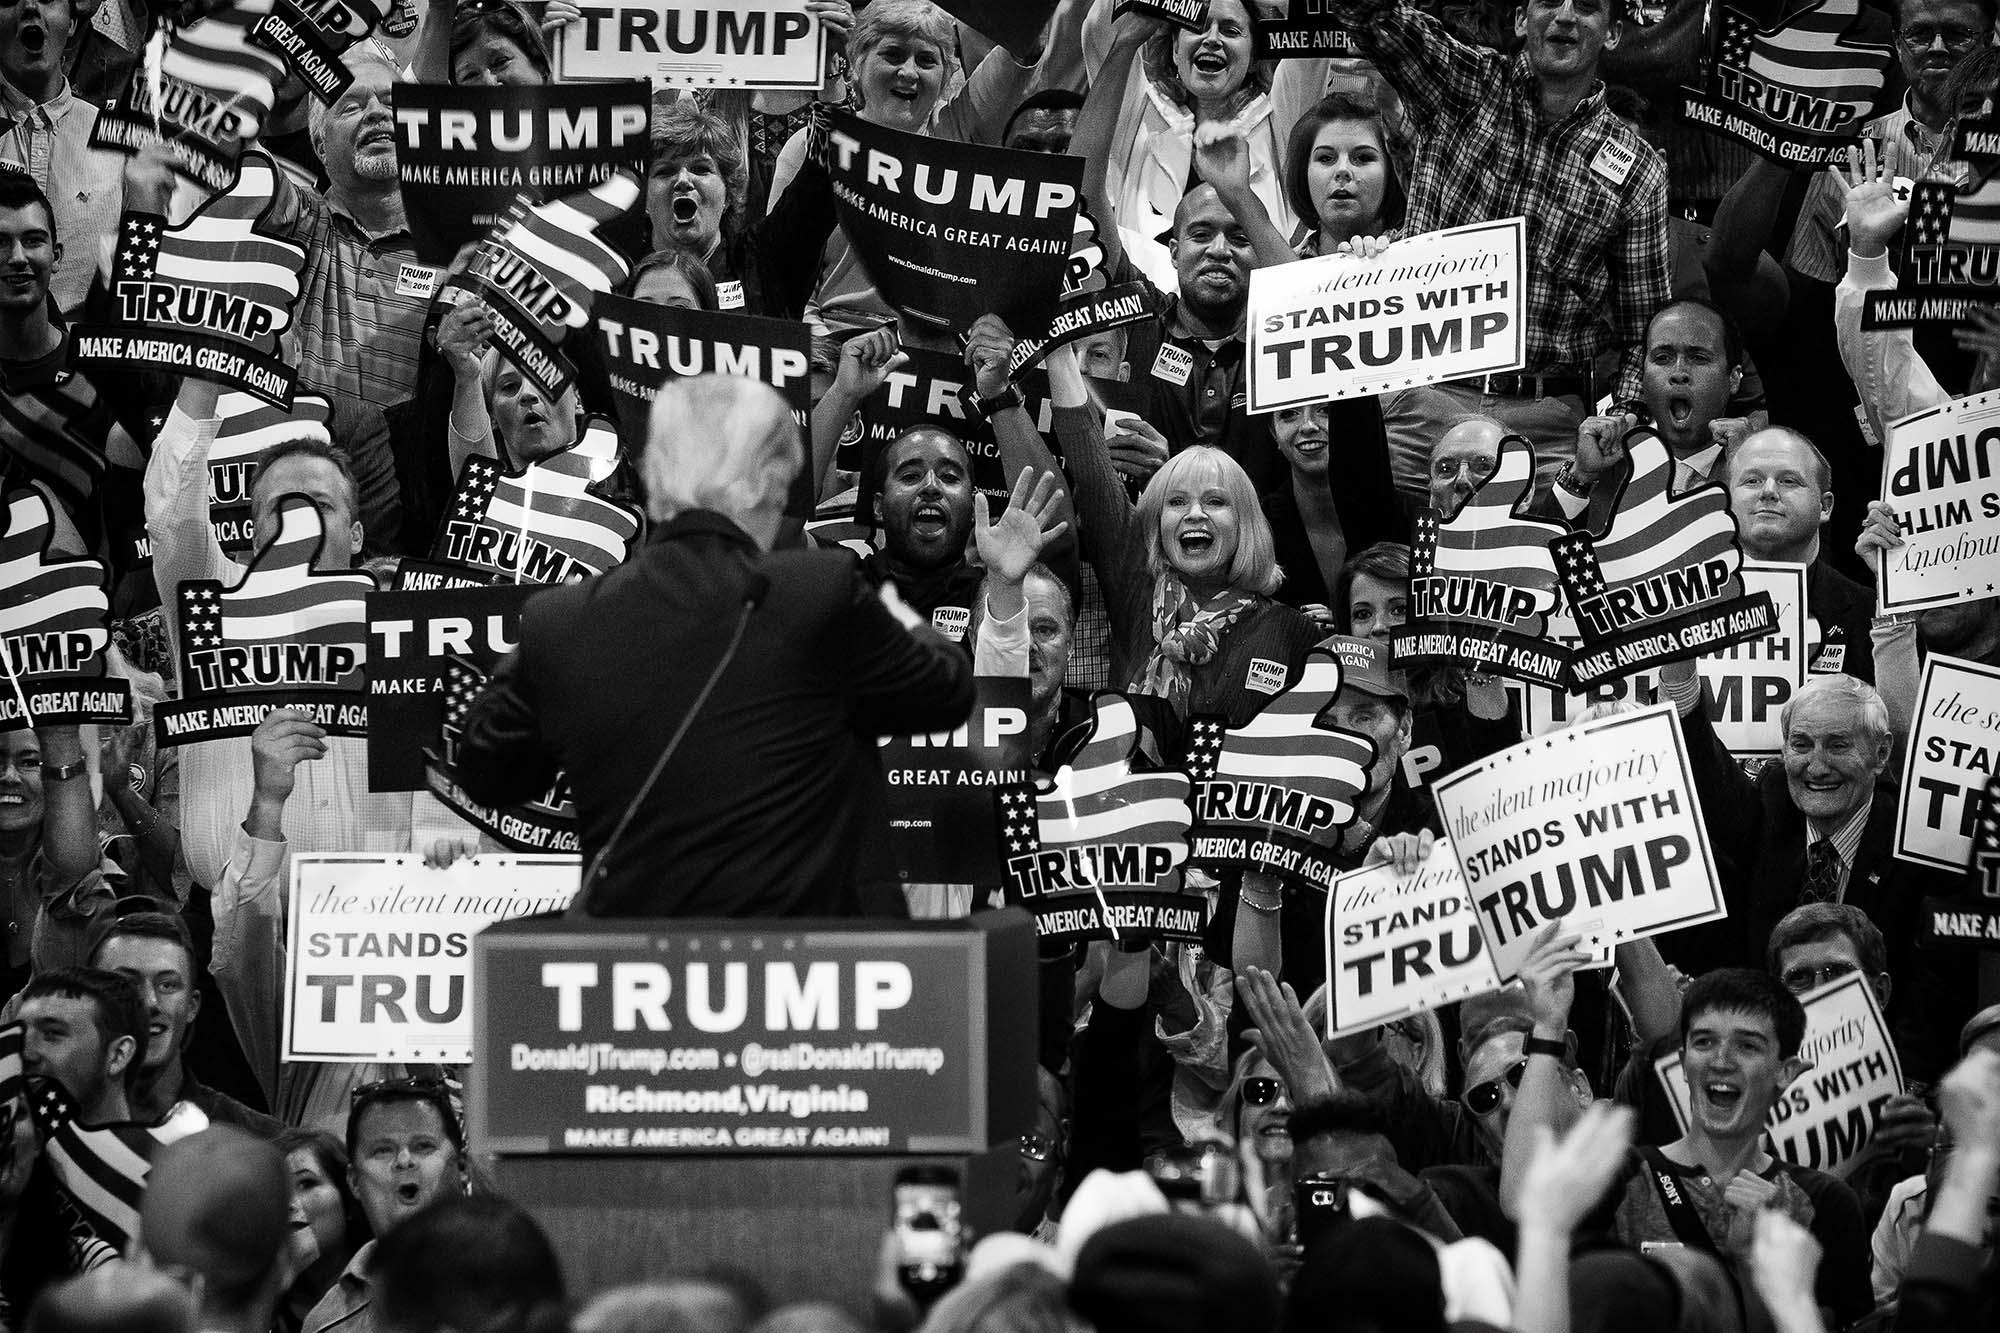 Donald Trump won because the Silent Majority got very loud.